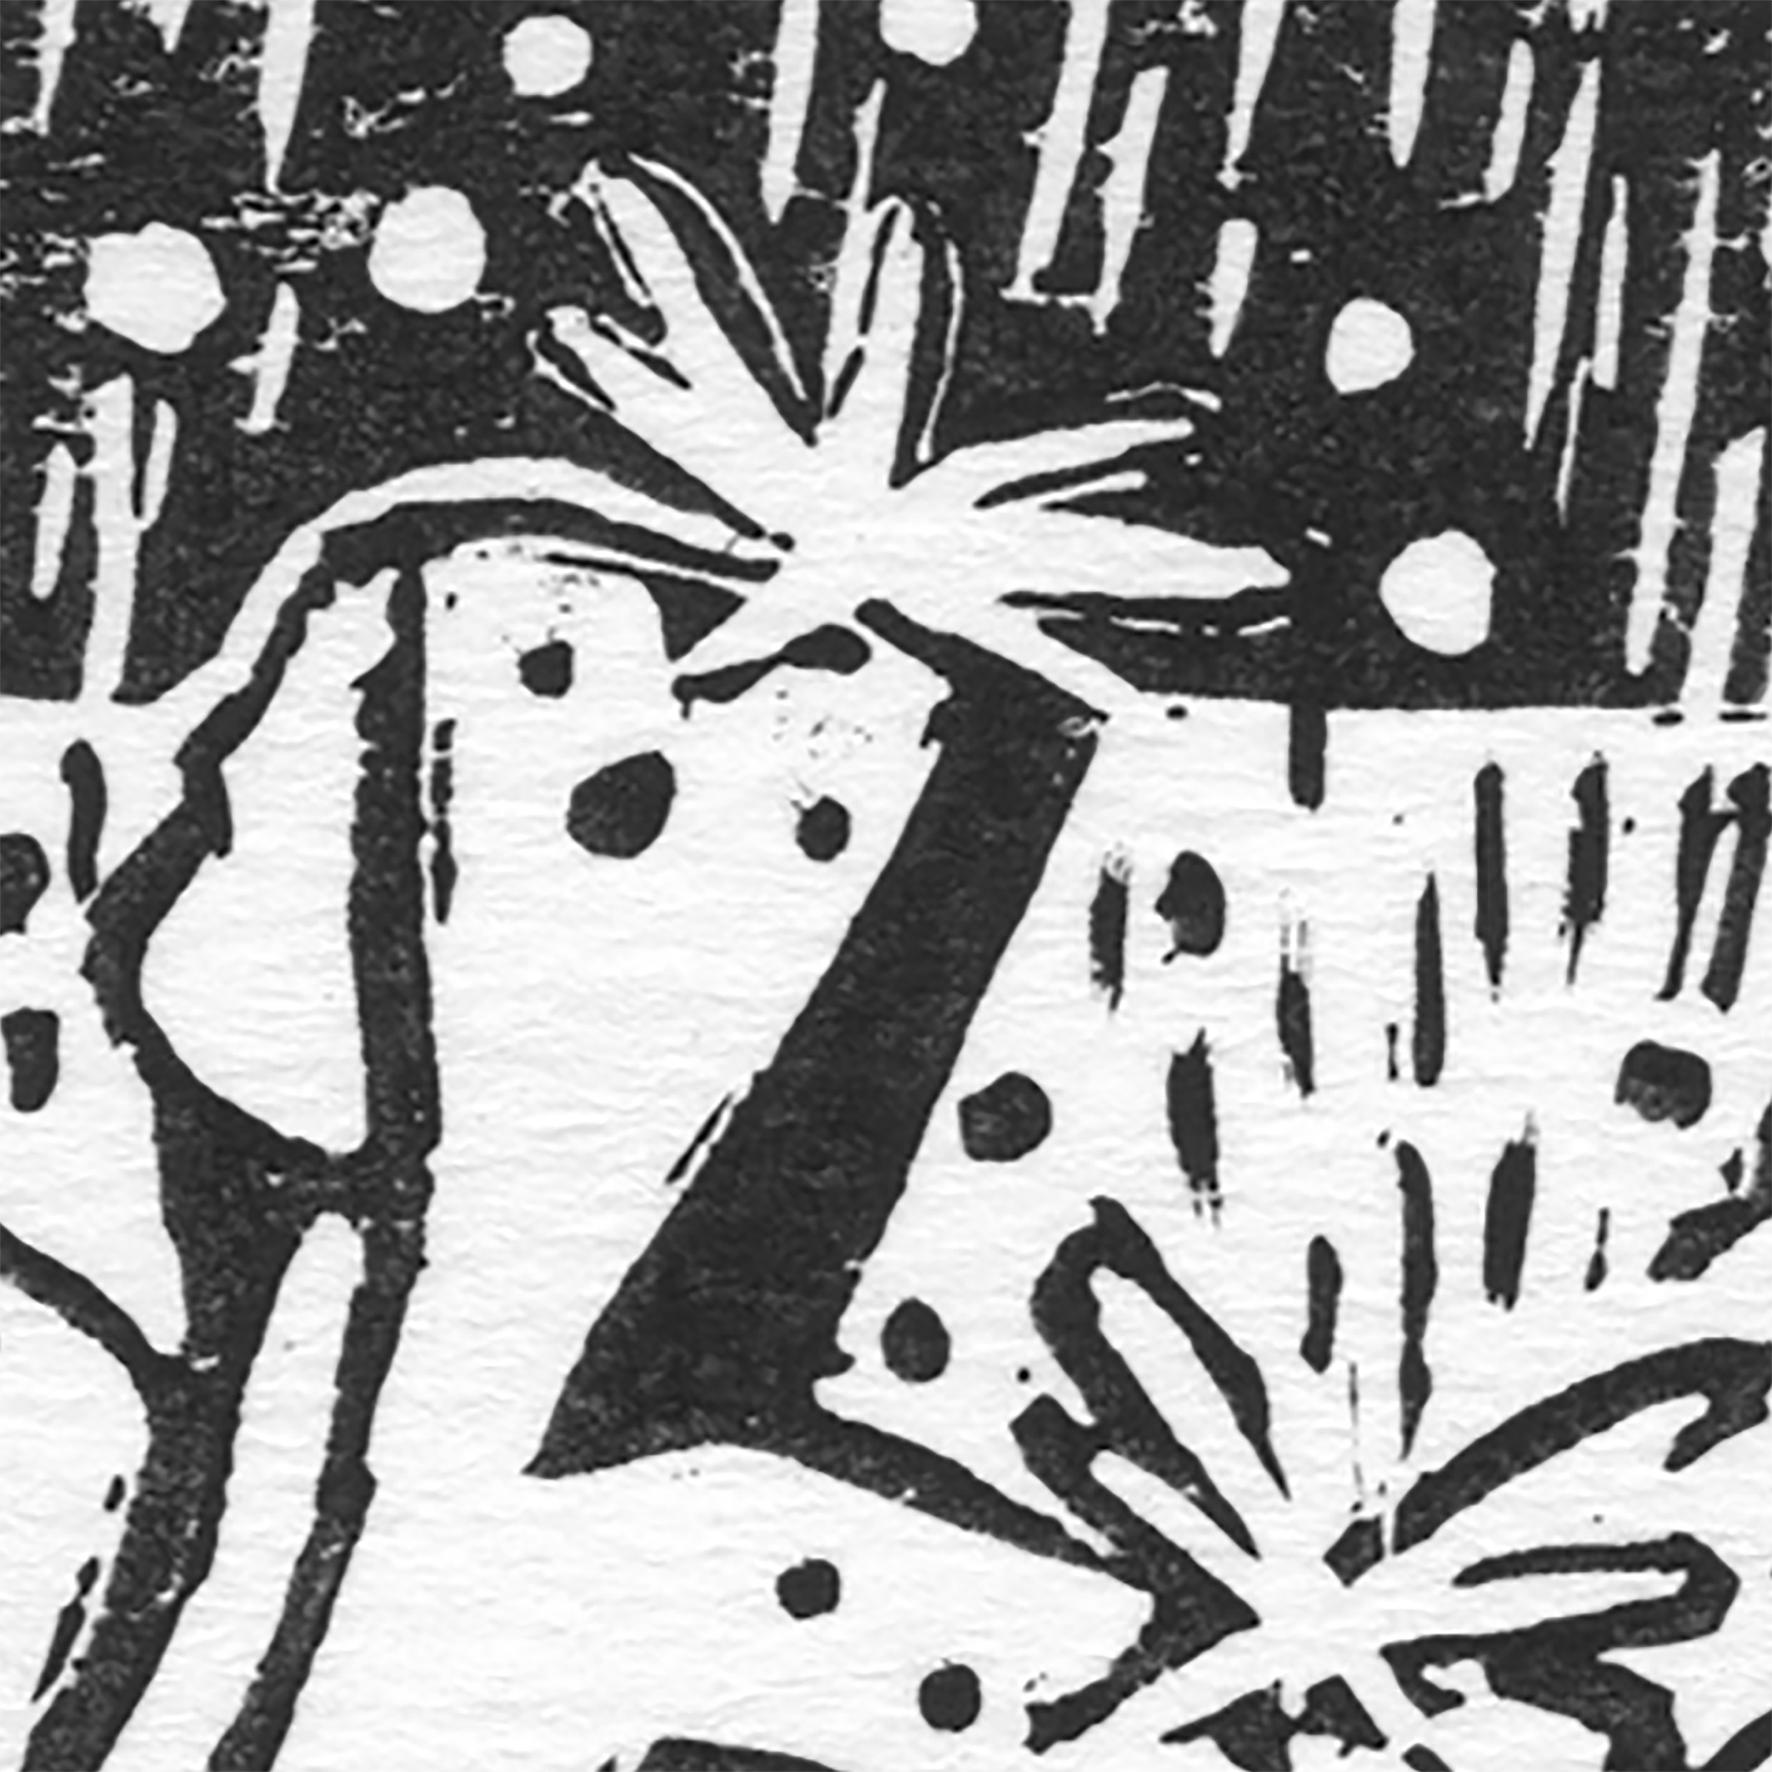 """""""Vive la pluie II"""" détail ©Julia Ratsimandresy / Linogravure encre noire sur papier / 50€ hors fdp"""